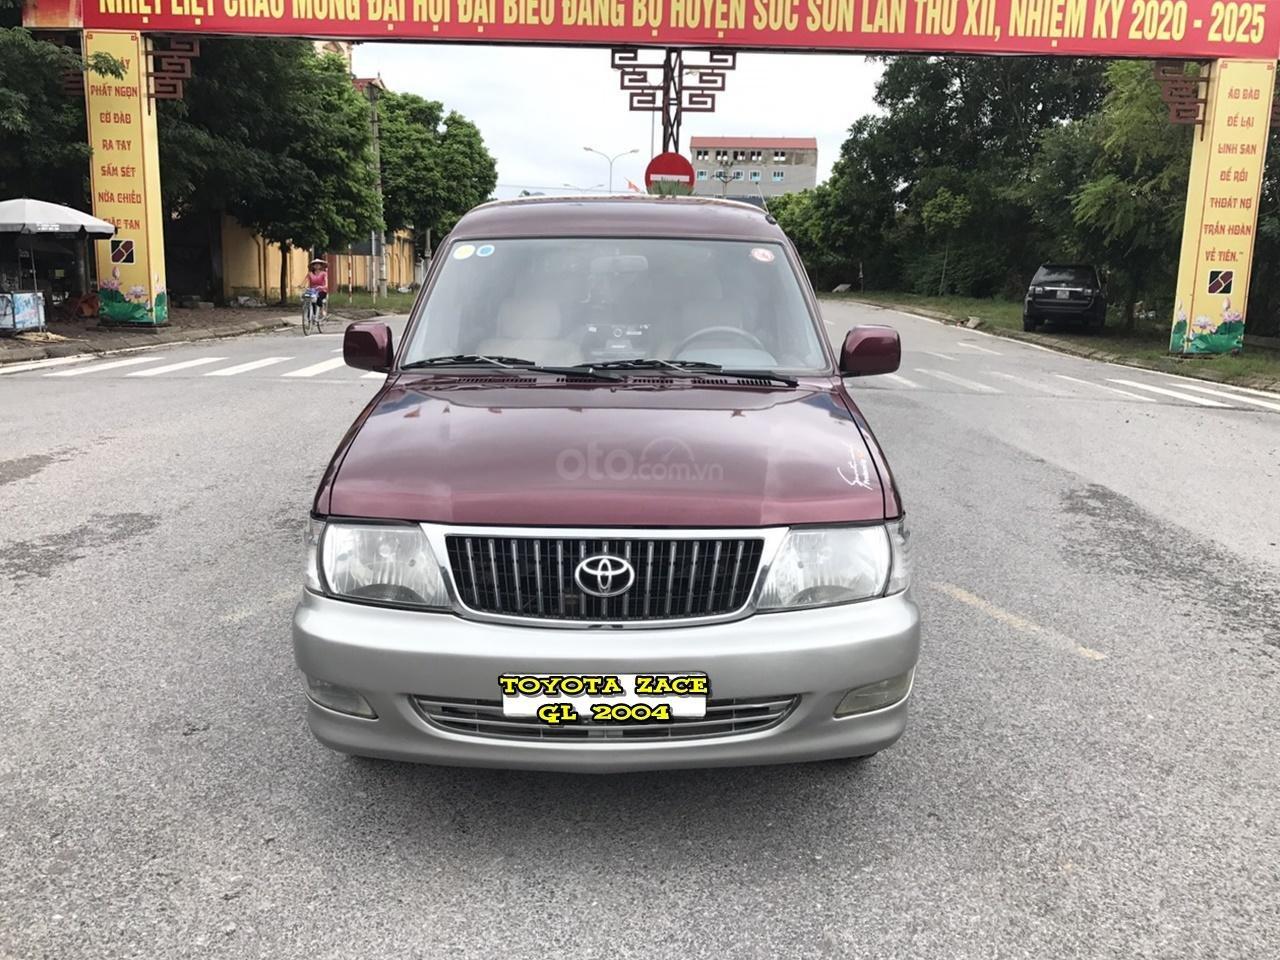 Toyota Zace GL cuối 2004, màu đỏ, chính 1 chủ biển 4 số sử dụng từ mới, nói không với lỗi nhỏ, mới nhất Việt Nam (1)